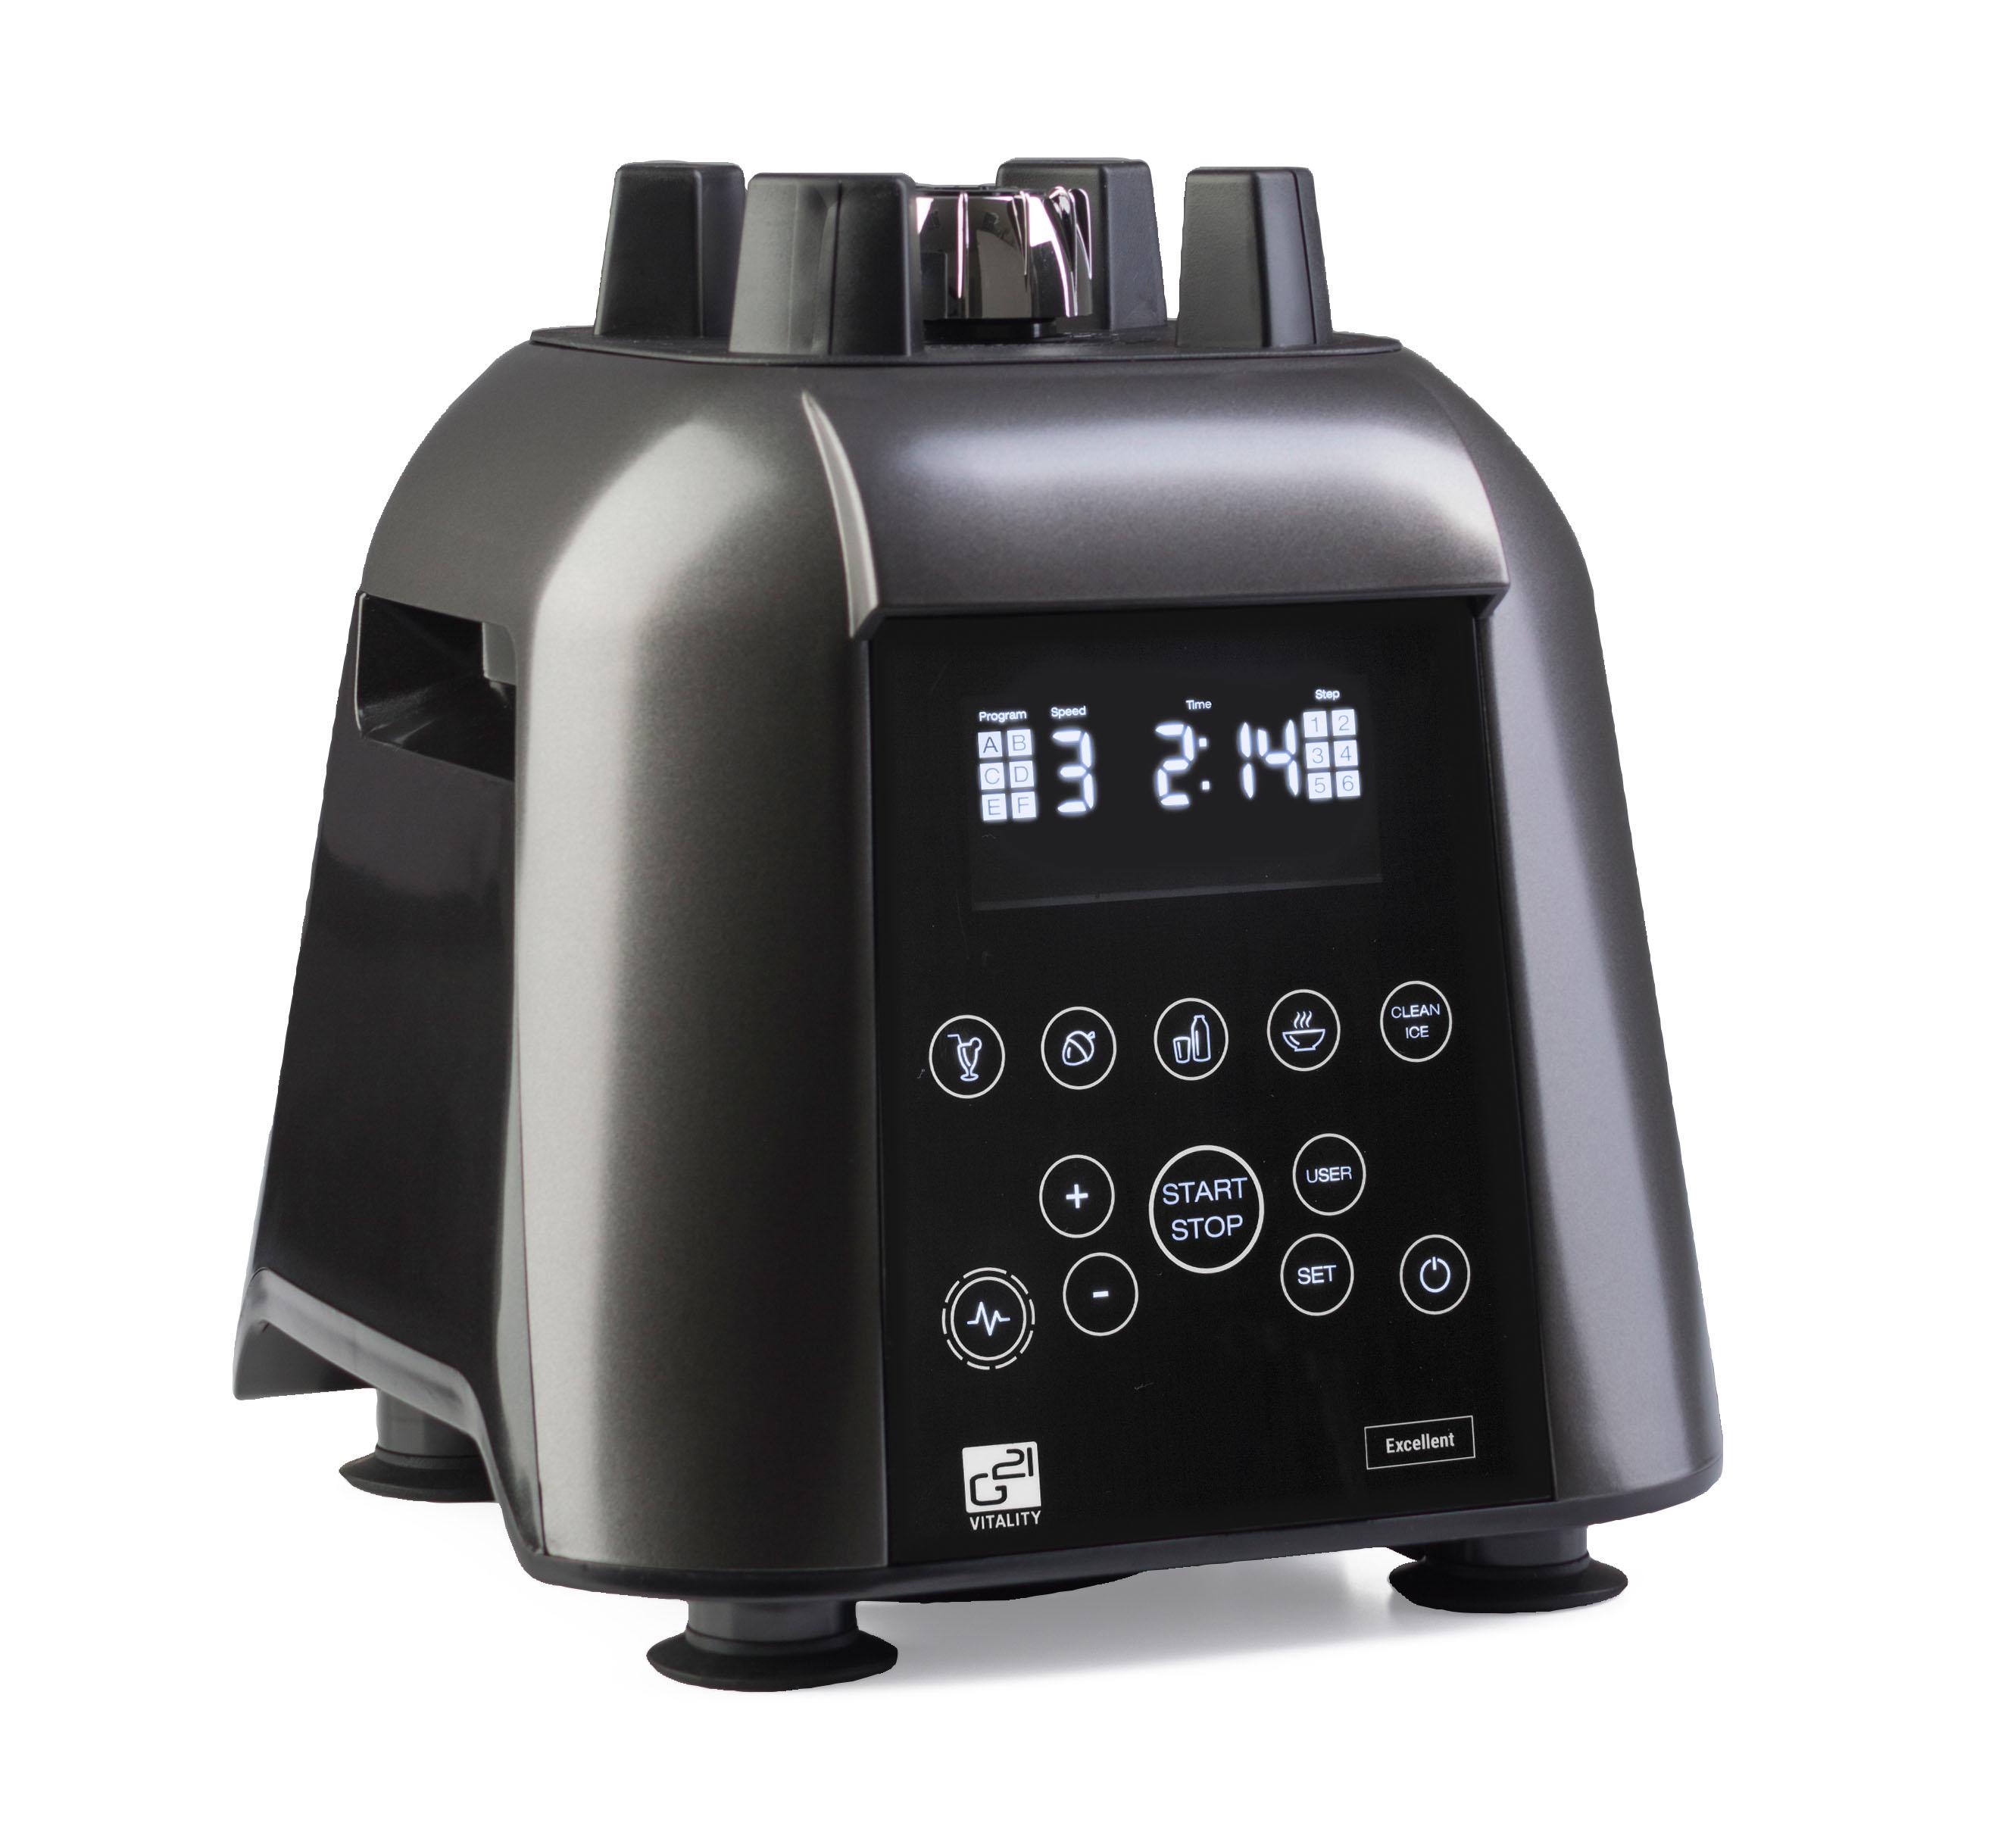 Tělo mixéru G21 Excellent s dotykovým ovládáním a displejem